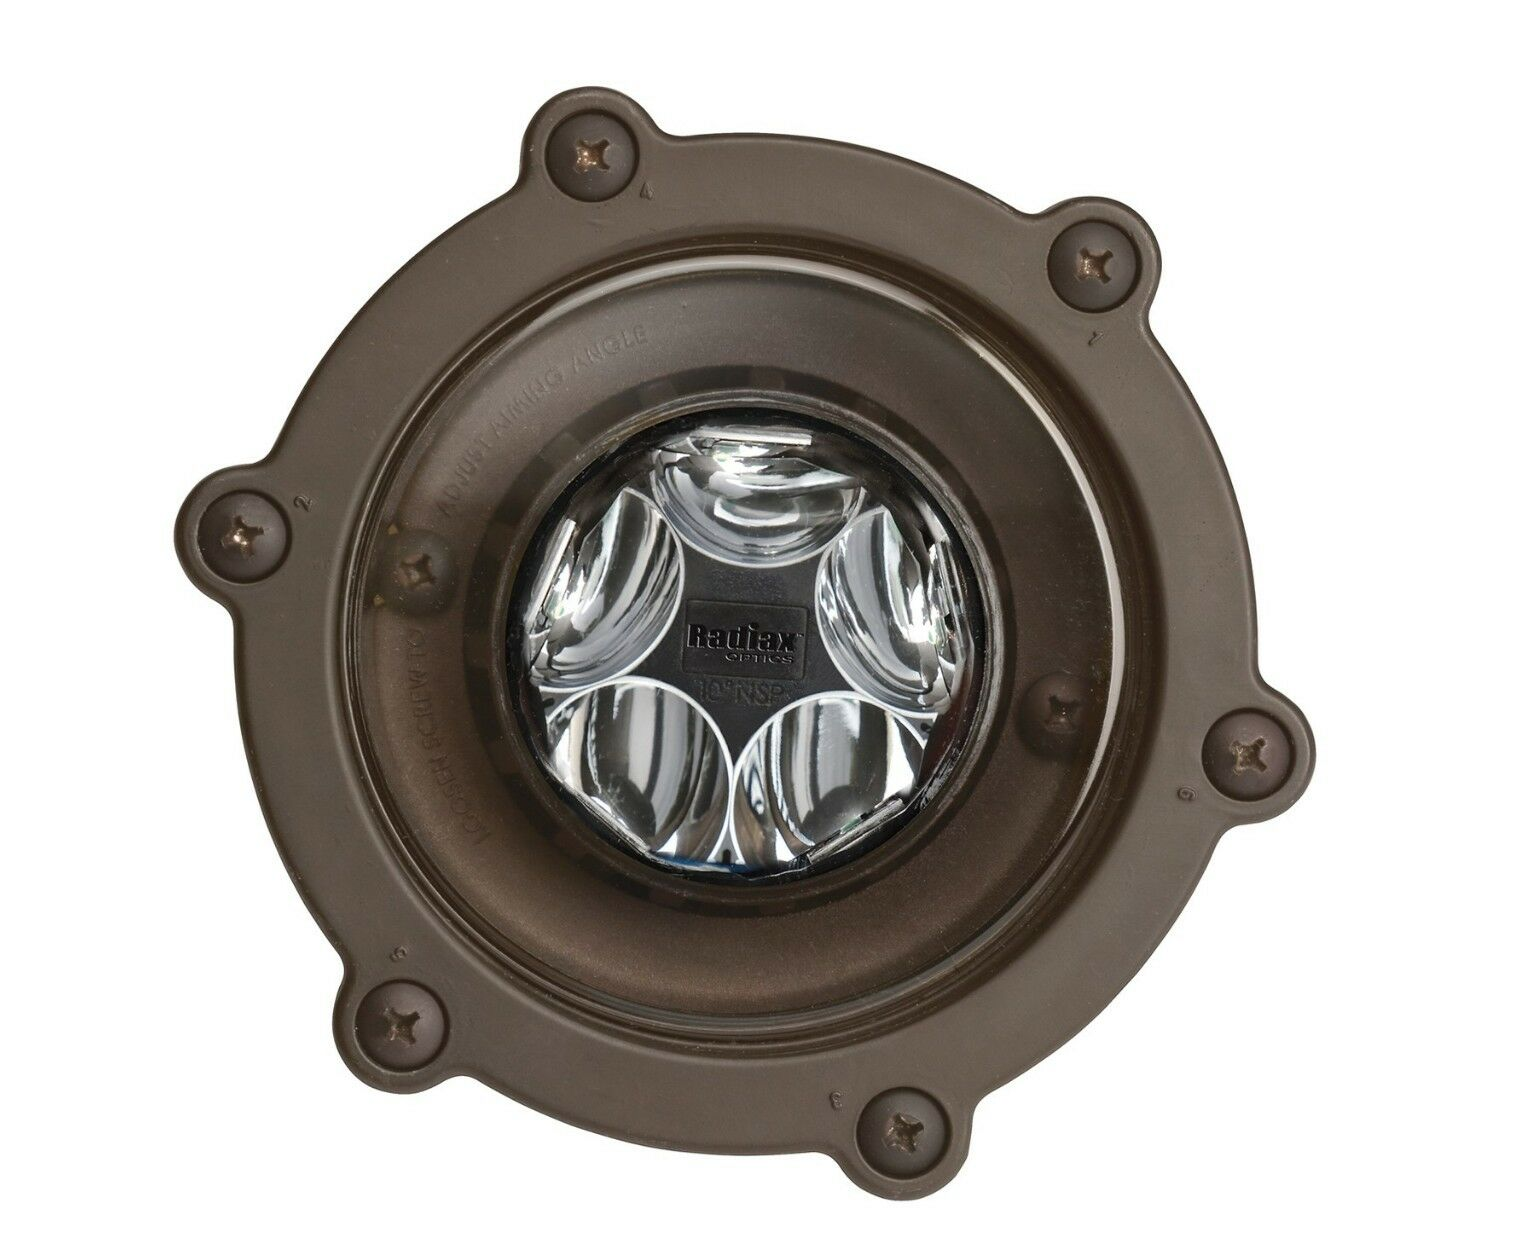 Kichler - 16036BBR27 - LED In-Ground Spot 12V 2700K 14W 10 DEG Bronzed Brass